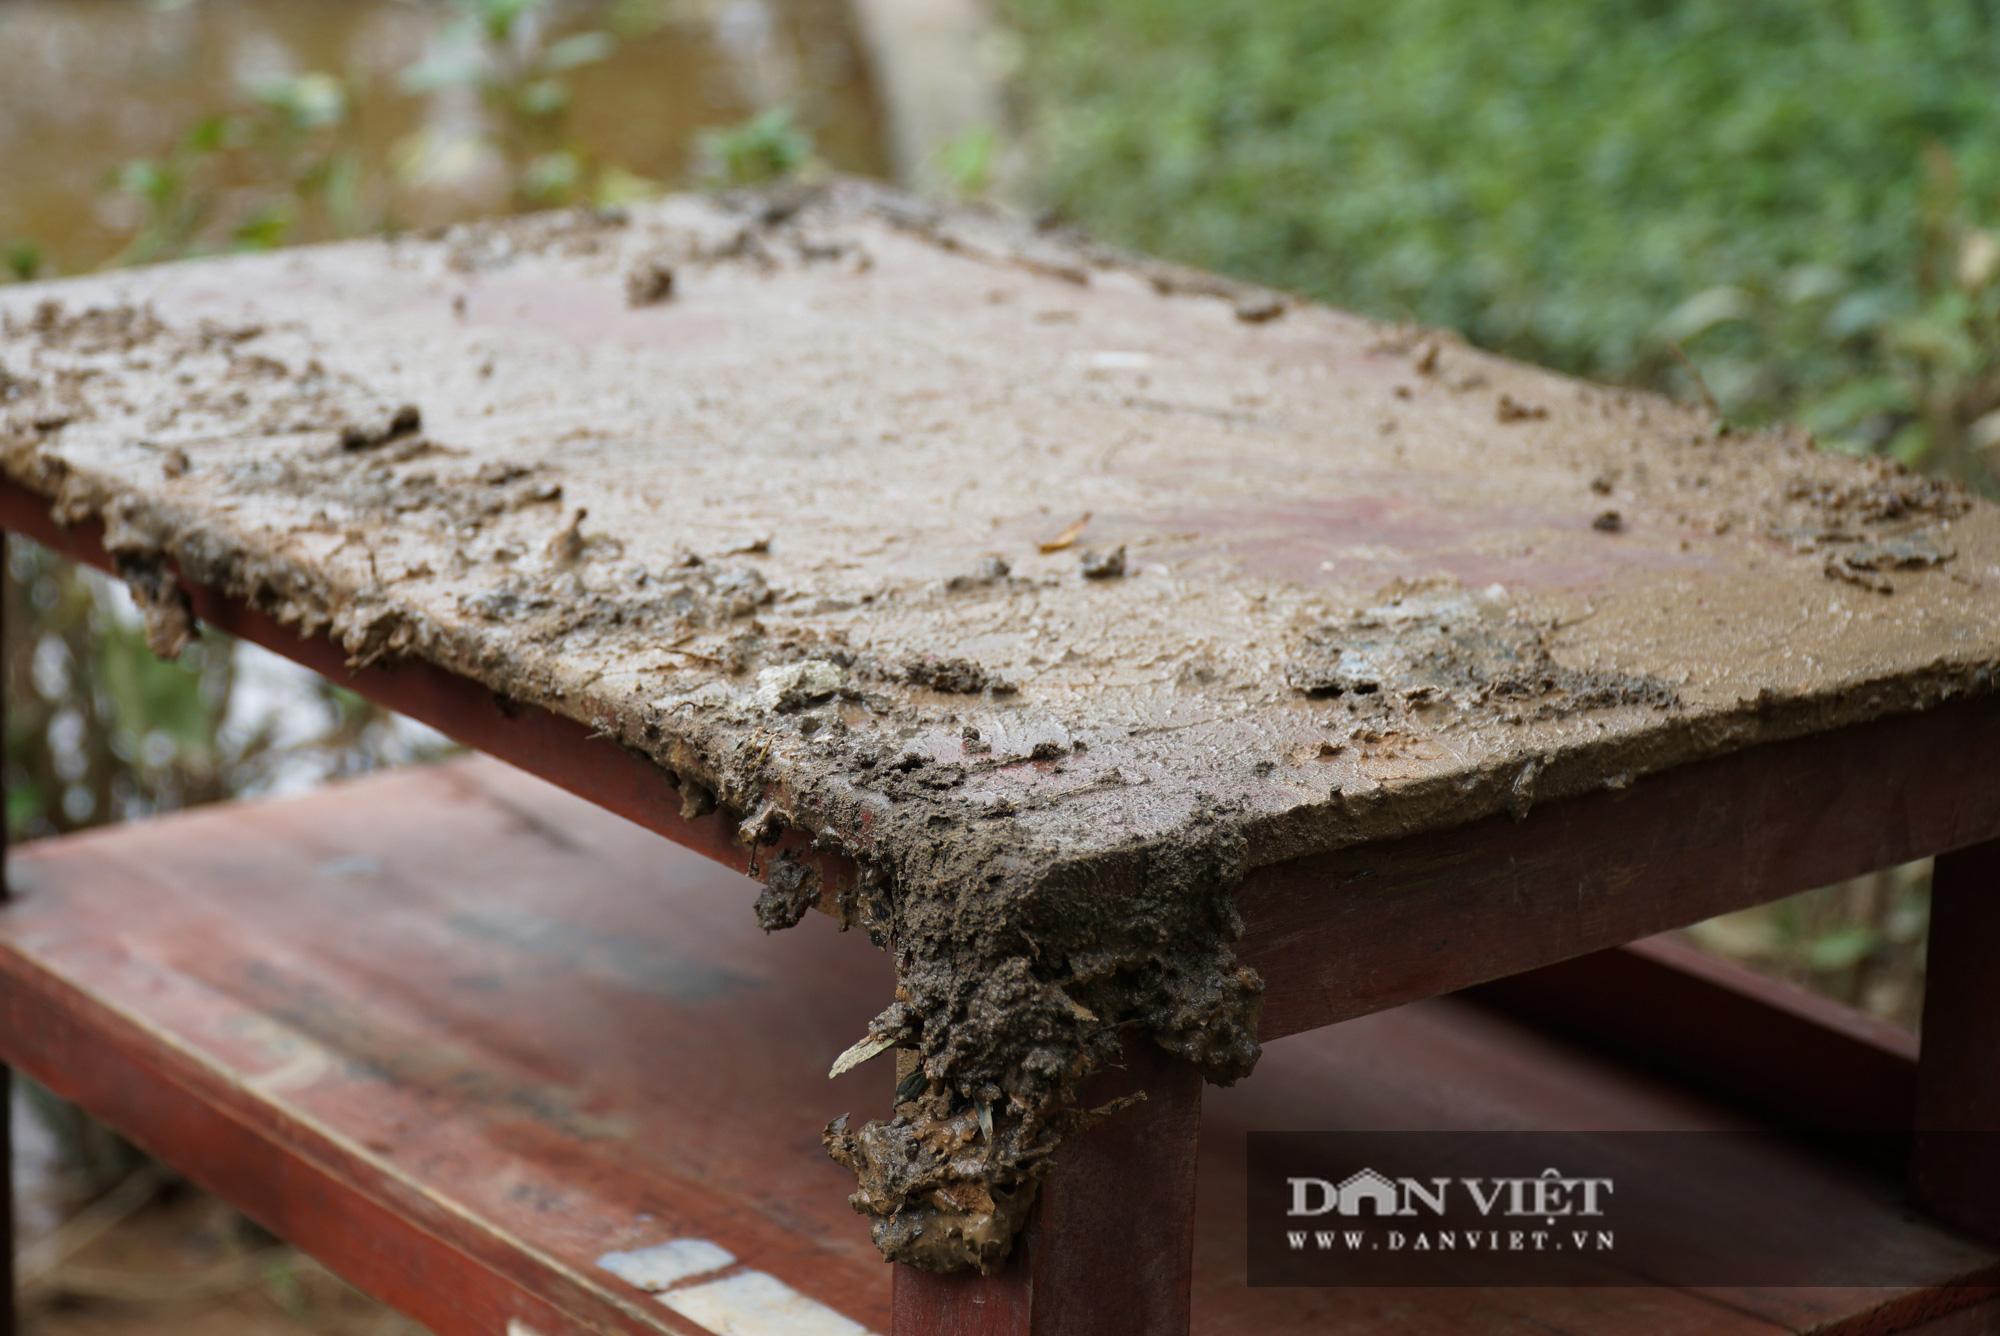 Quảng trị: Các trường học được hỗ trợ máy rửa bùn non sau bão lũ - Ảnh 7.